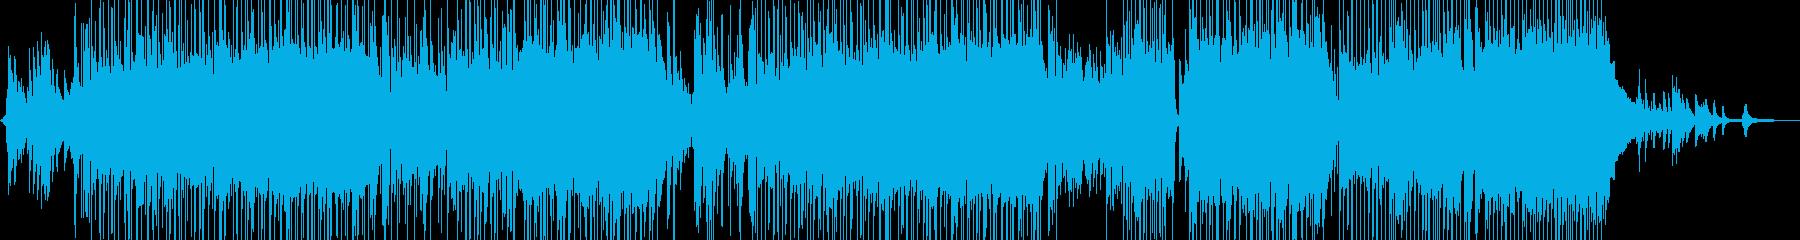 ピアノとフルートの涼しい夏のポップスの再生済みの波形